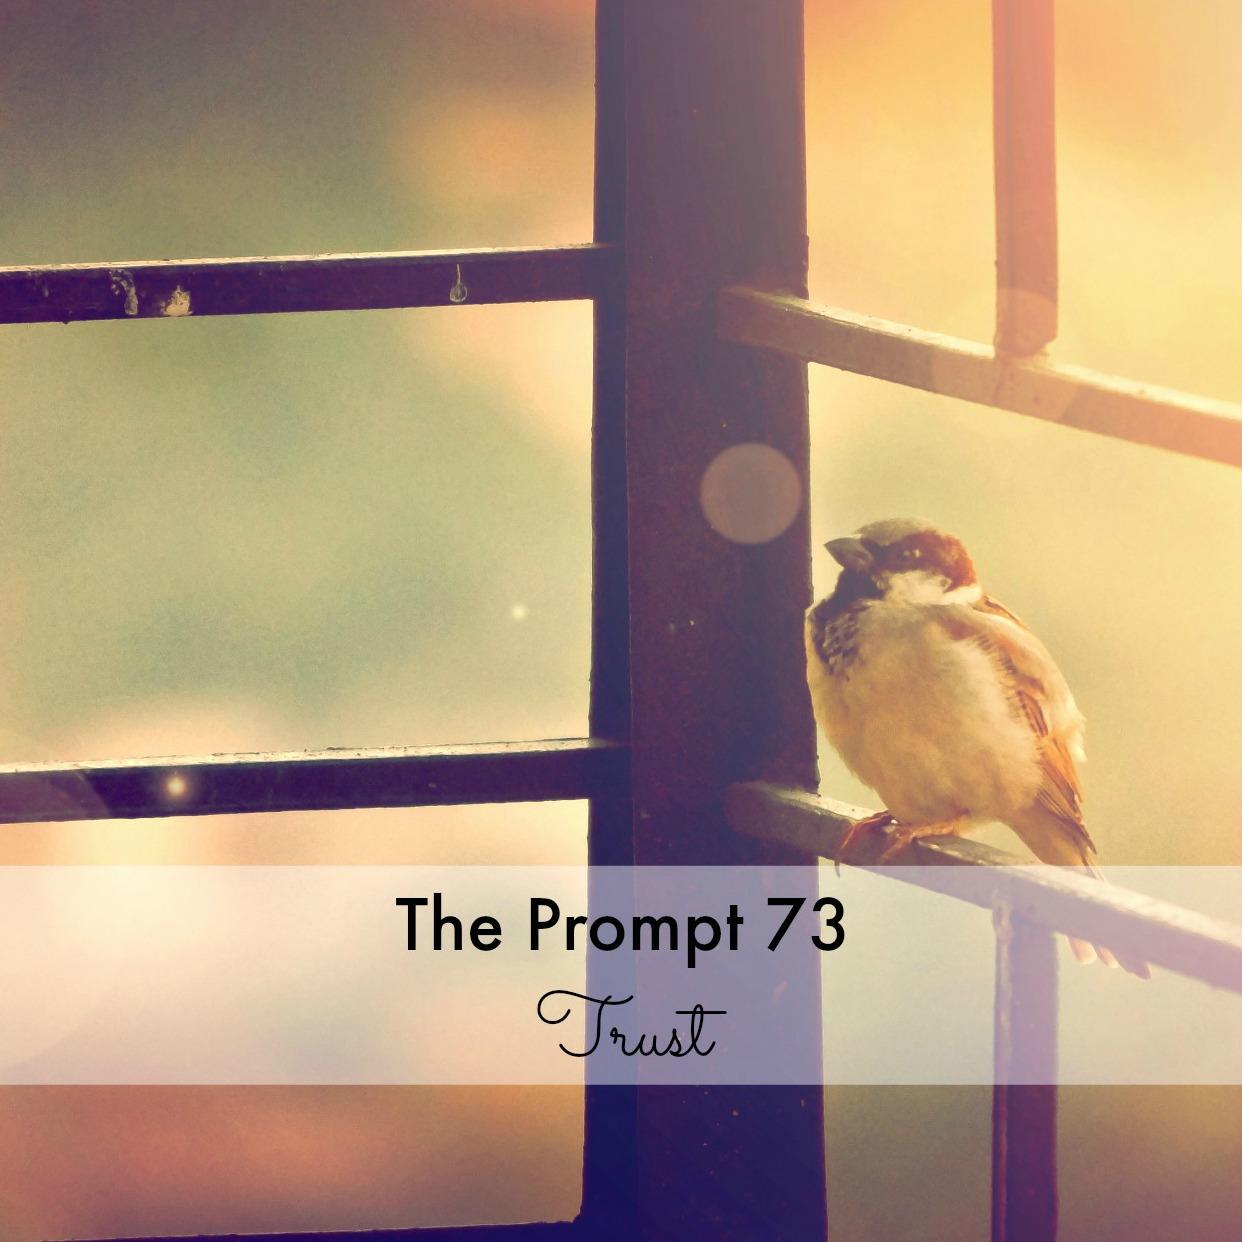 The Prompt 73: Trust